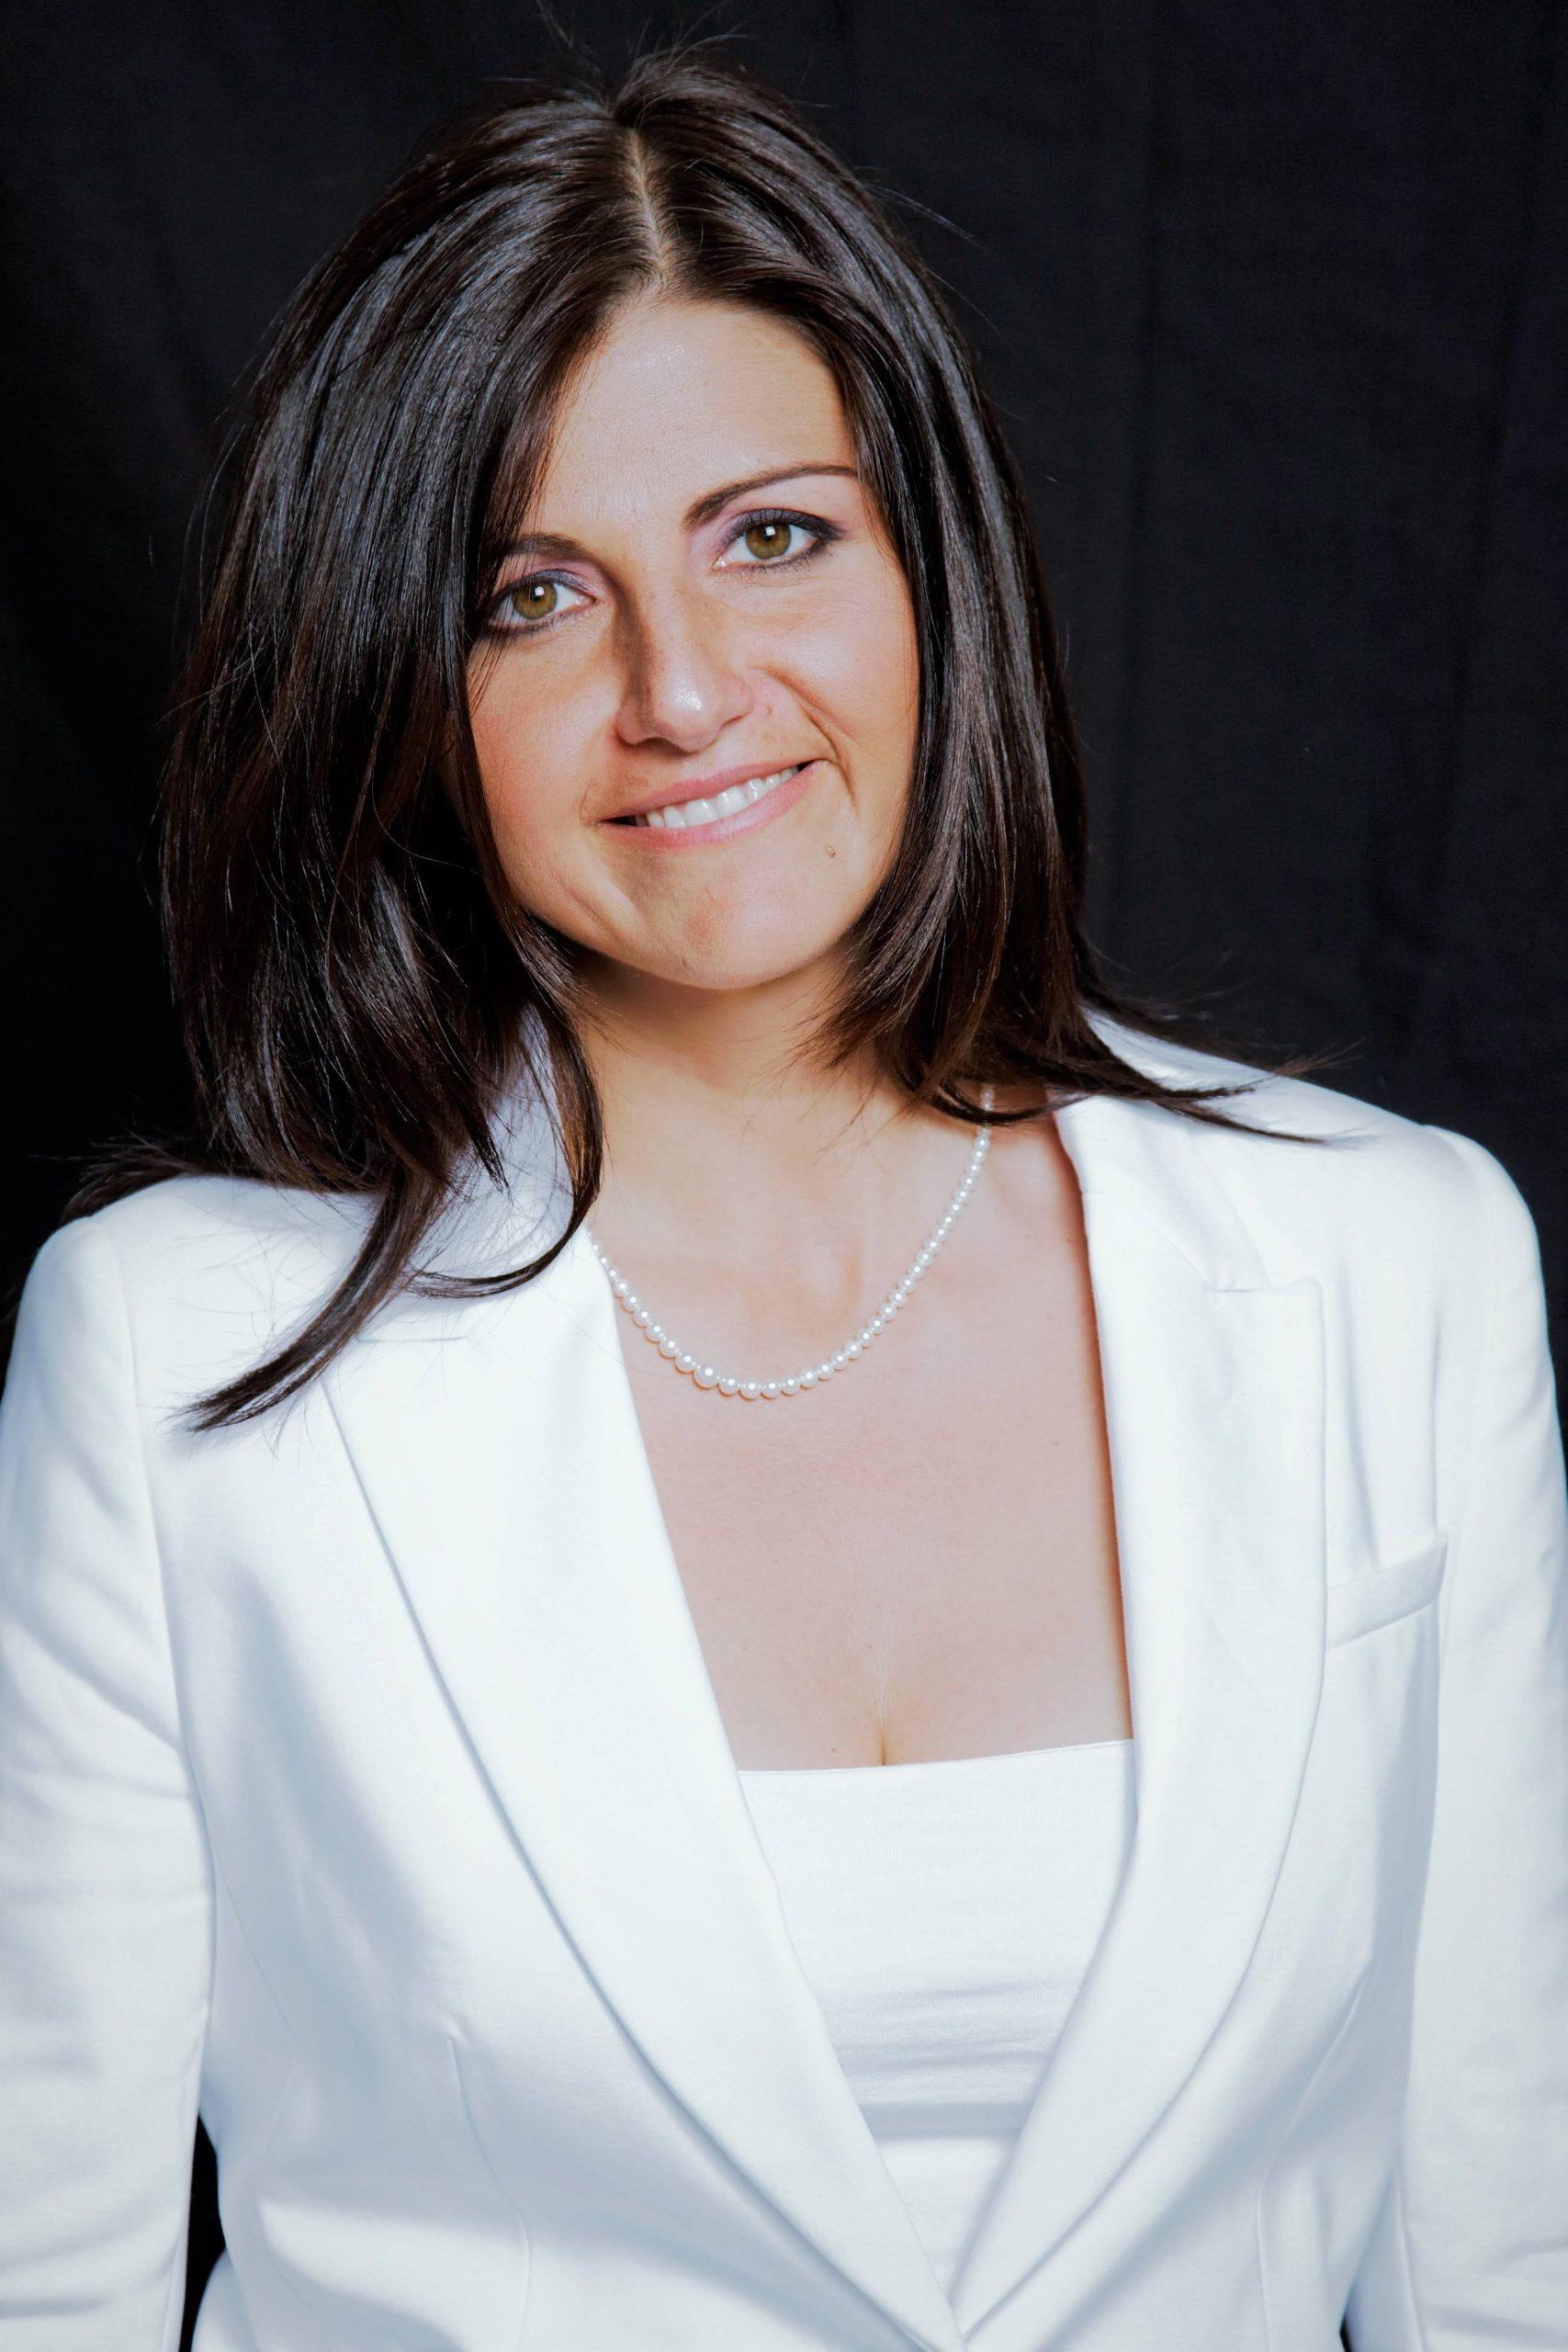 Isabel Parrillas